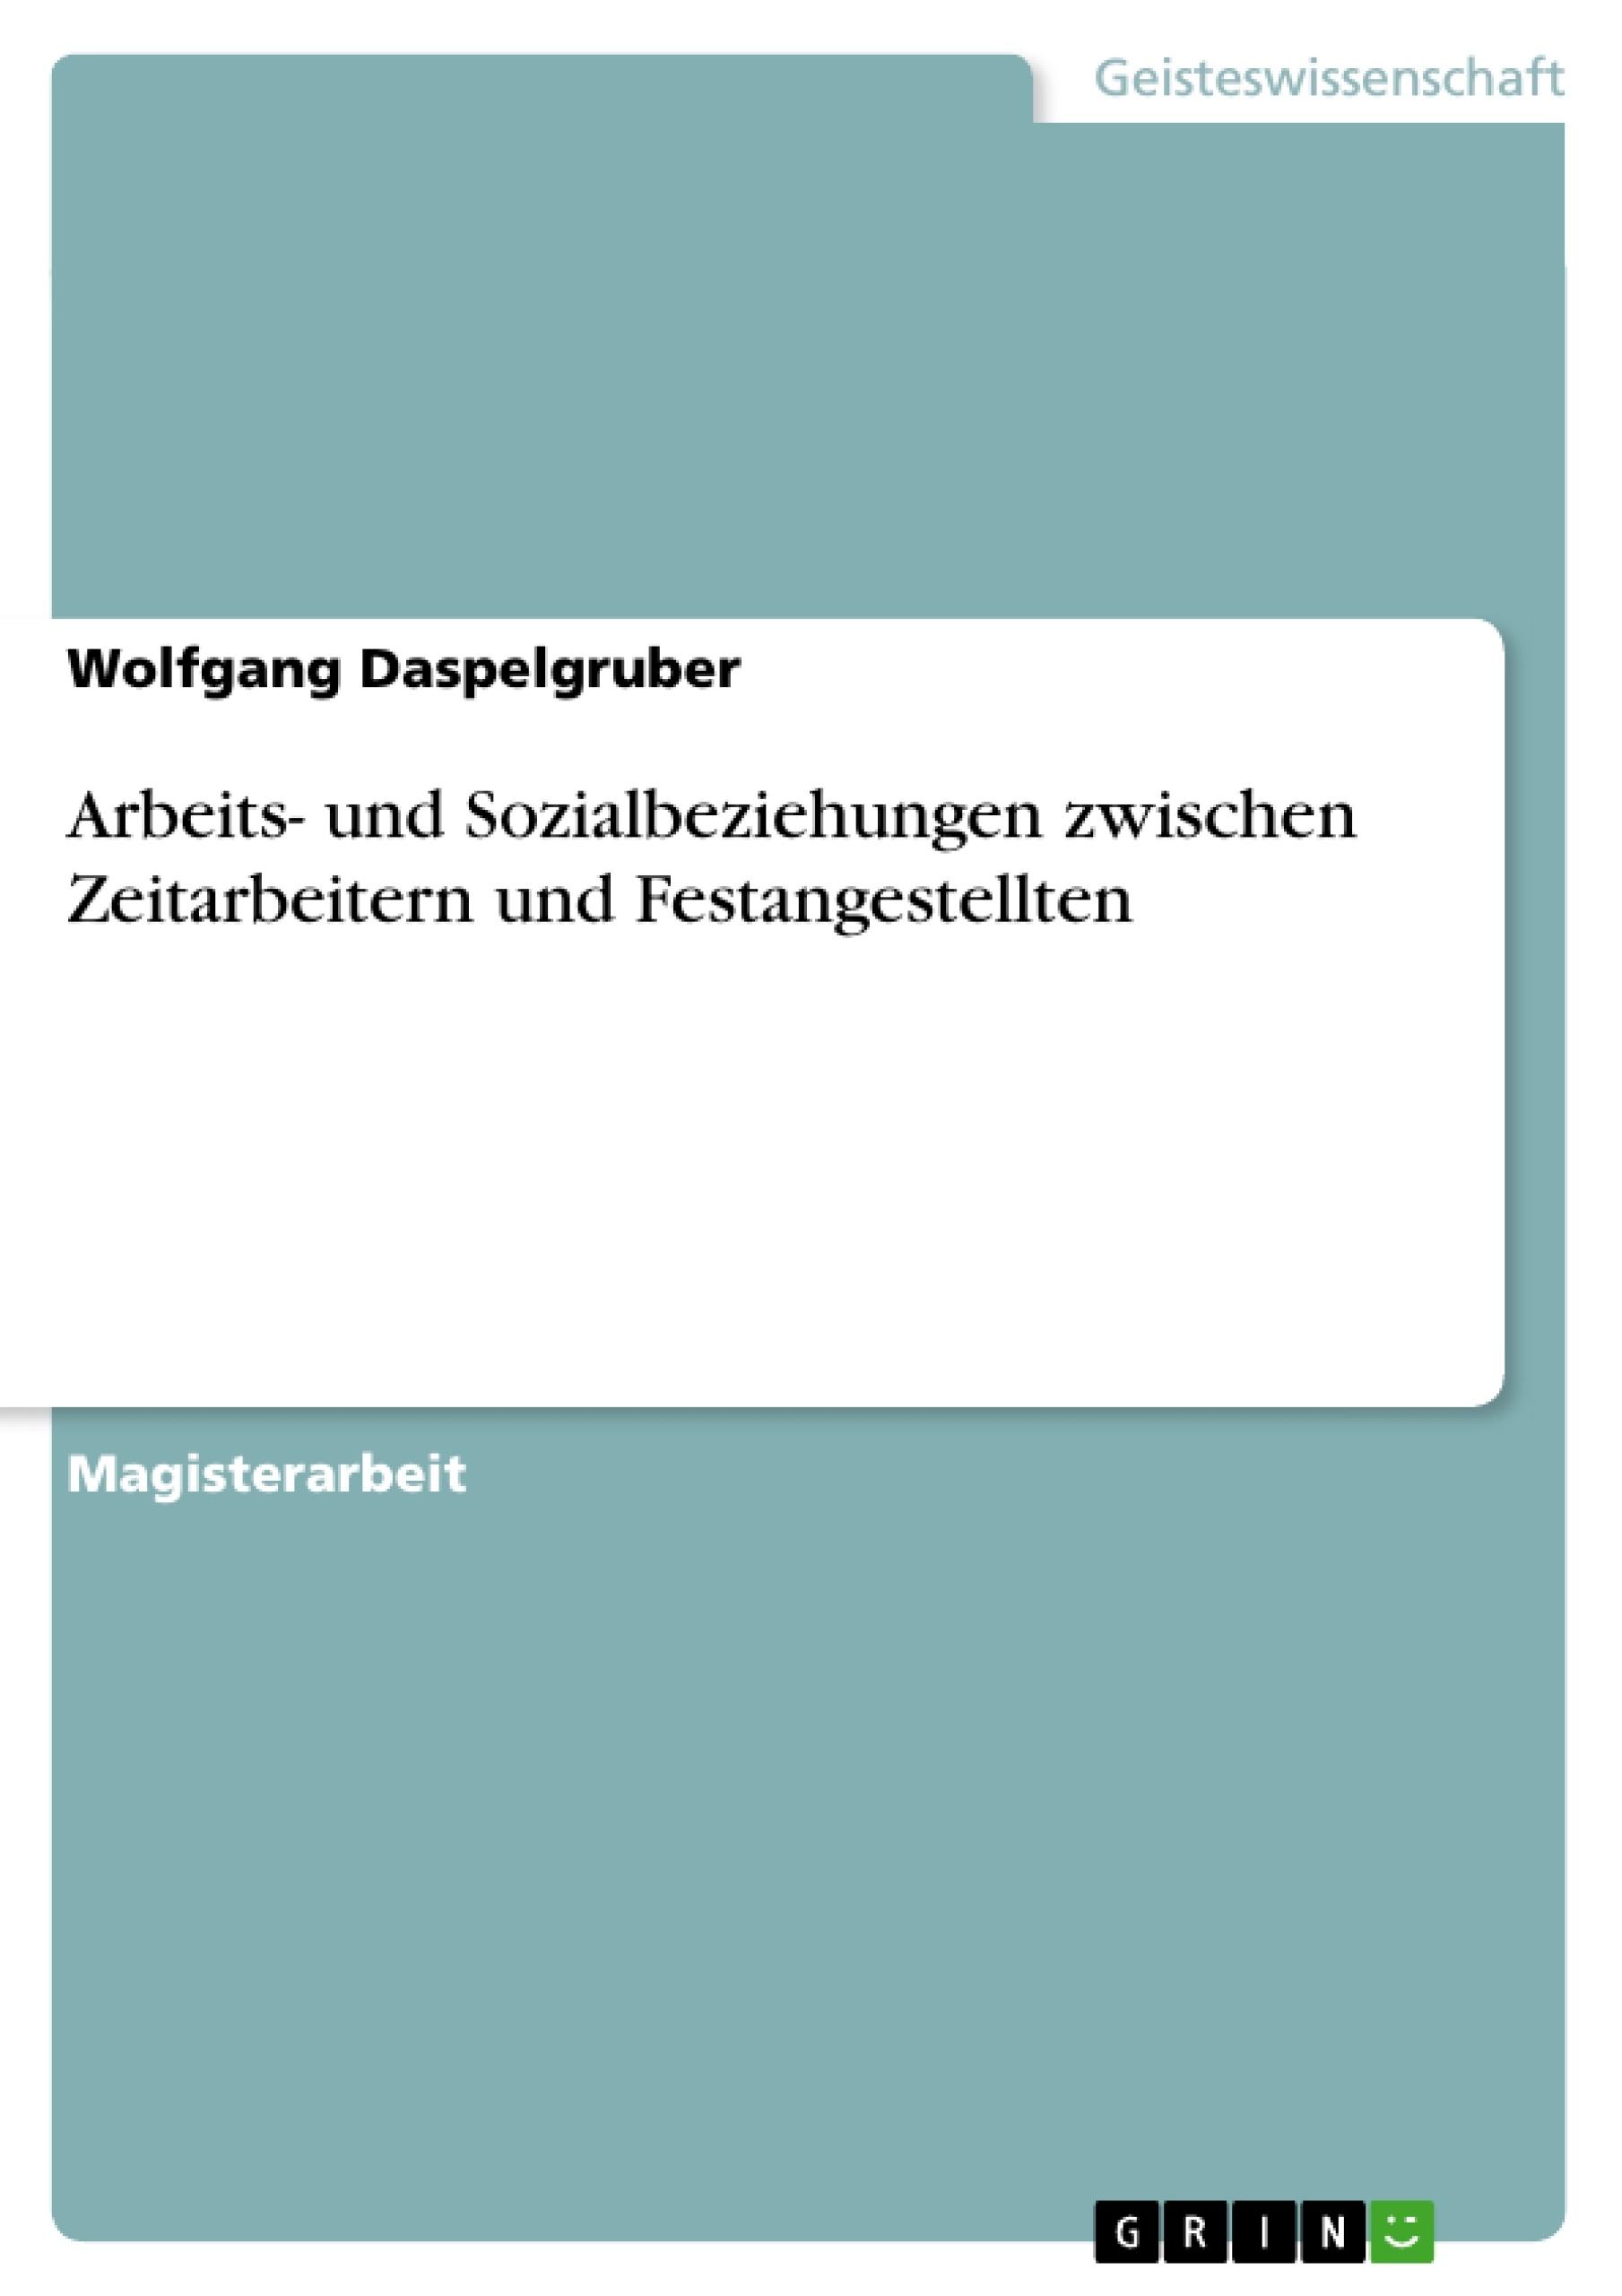 Titel: Arbeits- und Sozialbeziehungen zwischen Zeitarbeitern und Festangestellten